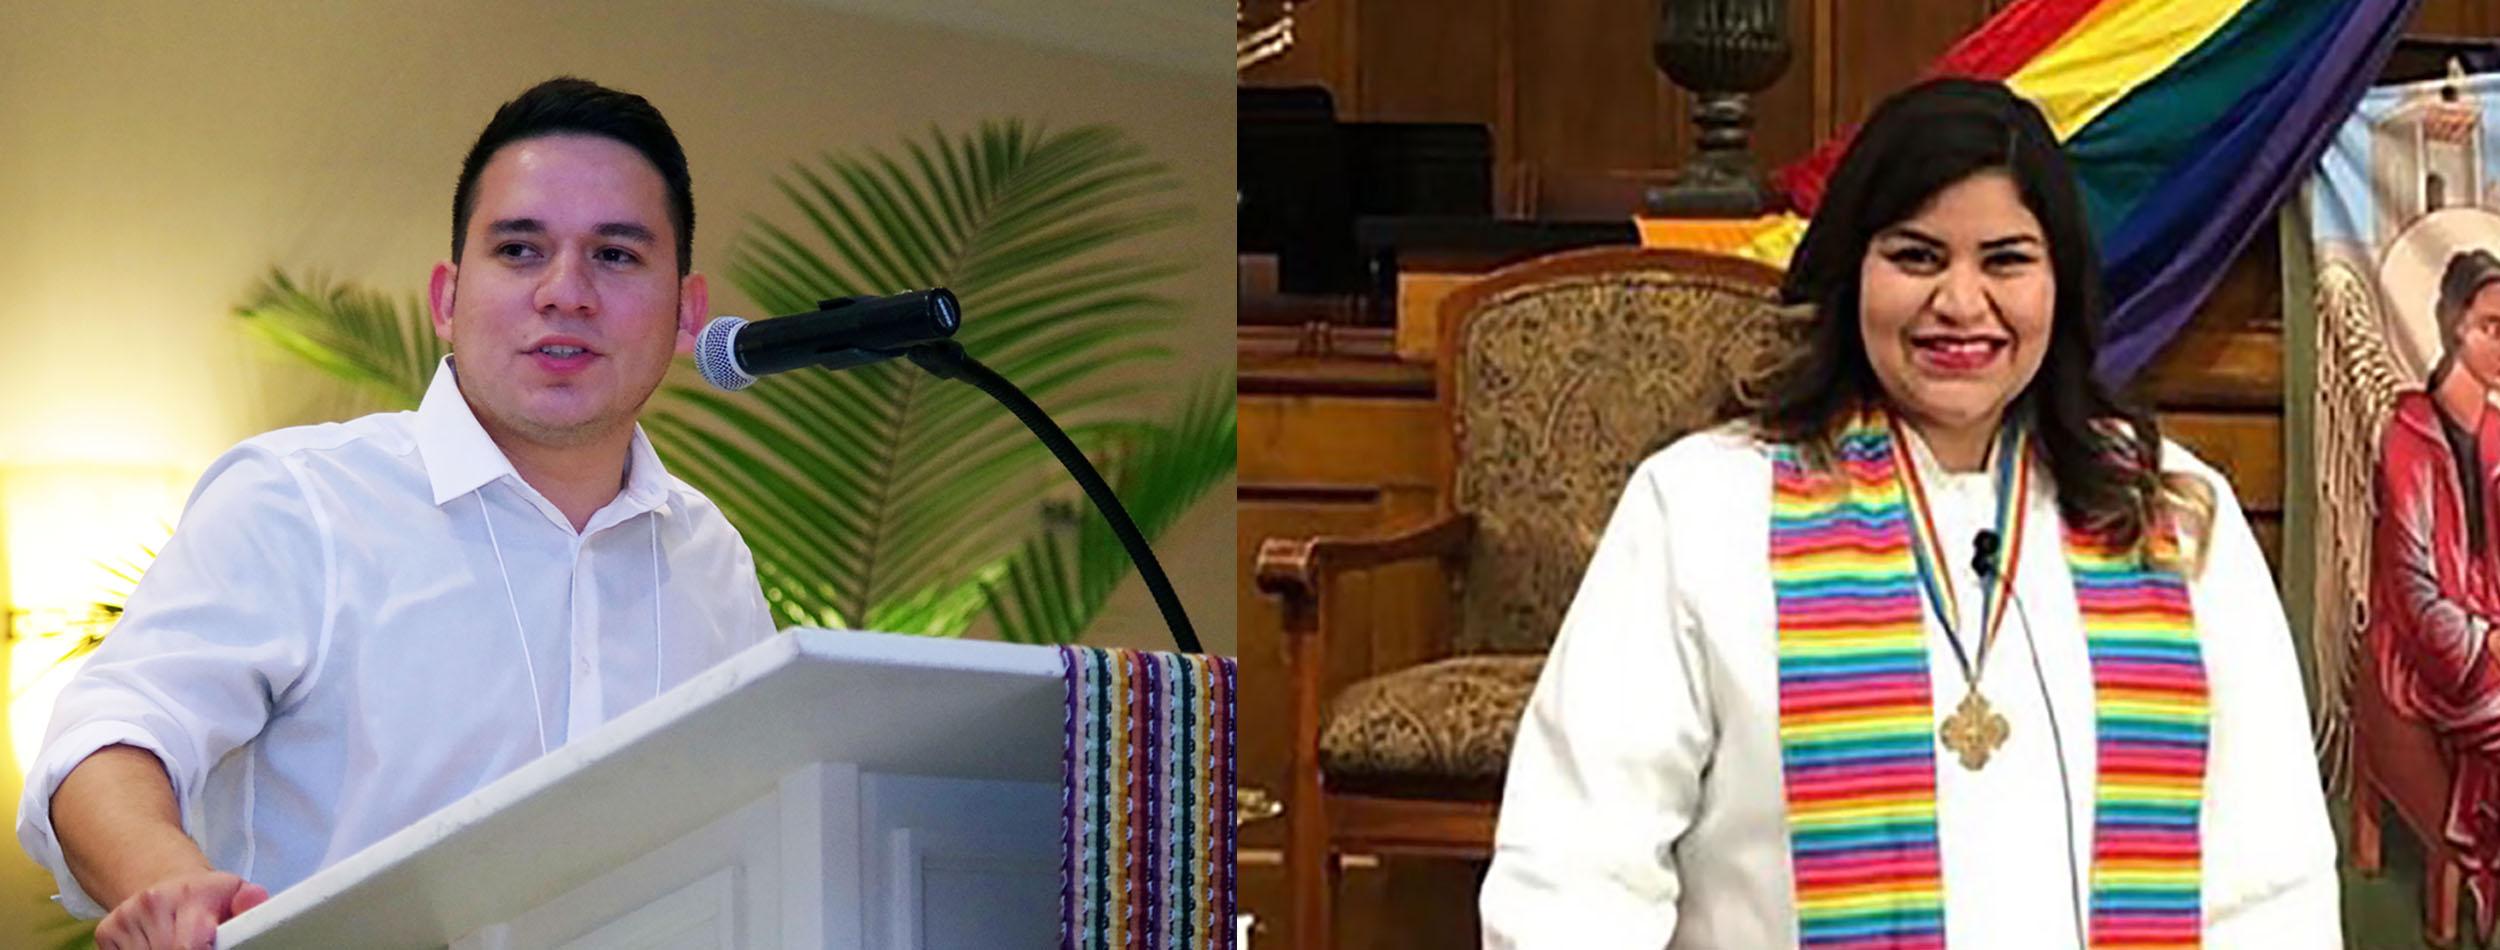 """El misionero Luis Velasquez y la Pastora Cassy Núñez son dos de los/as muchos/as """"soñadores/as"""" metodistas unidos que, junto con otros/as cientos de miles de jóvenes hispano-latinos/as en todo el país, luchan por alcanzar un estatus migratorio que les permita la ciudadania. Foto de la izquierda, archivo de Noticias MU, Rev. Gustavo Vasquez; foto derecha cortesía de la Pastora Cassy Núñez."""